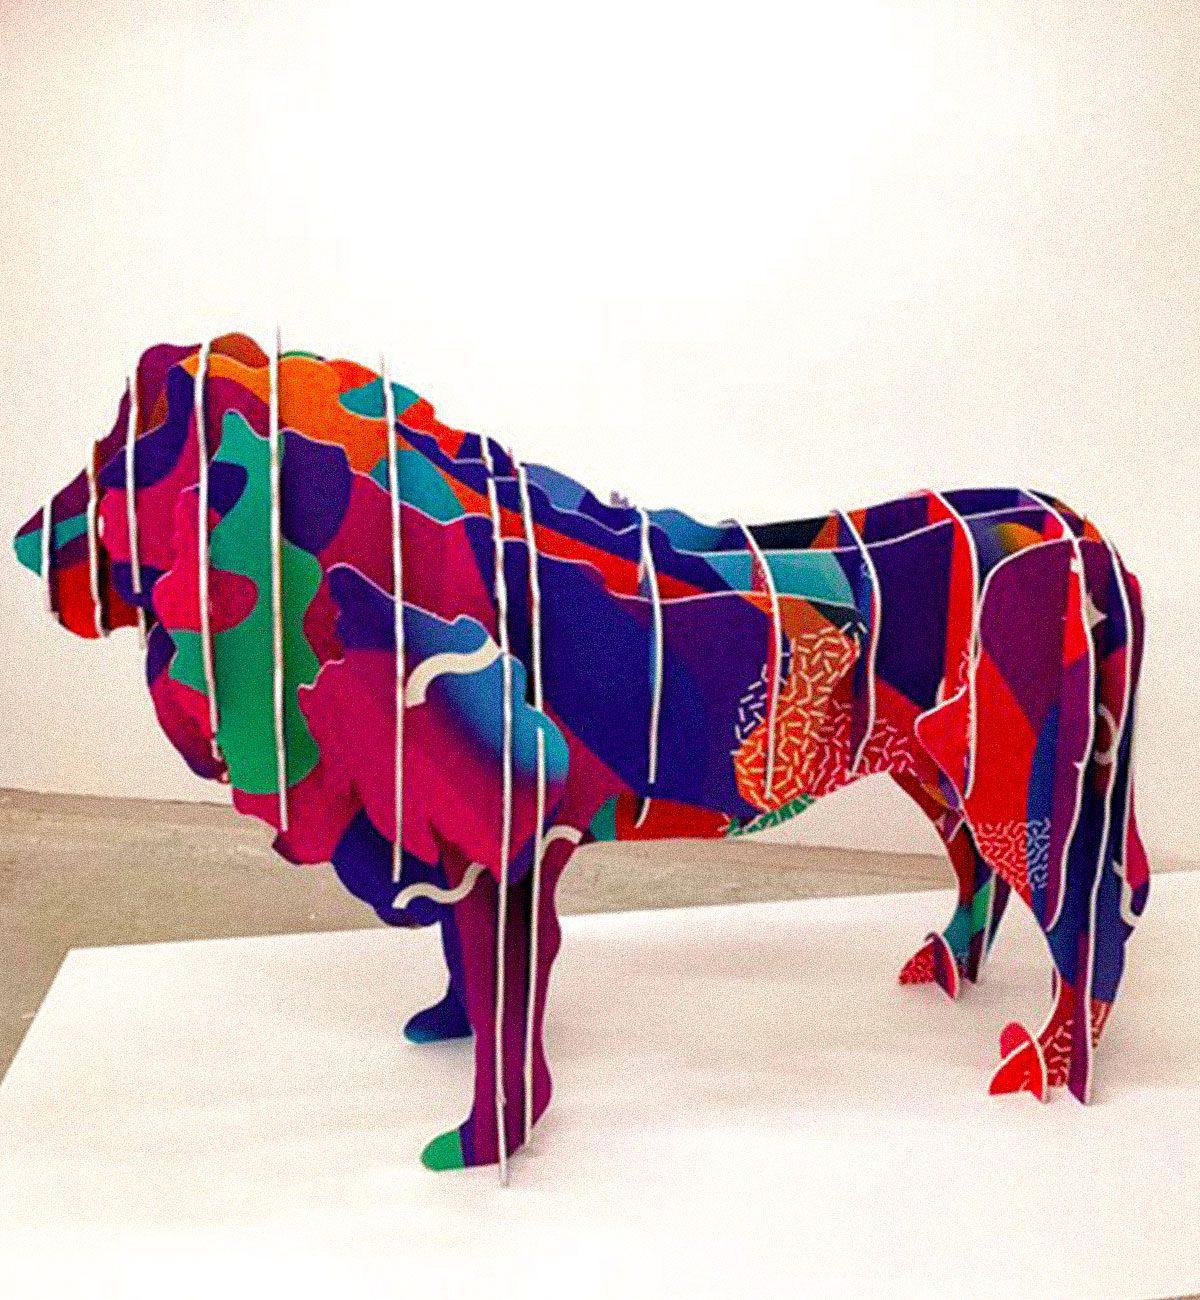 Sculpture de Lion coloré de profil pour matériel d'animation cohésion et team building sculpture